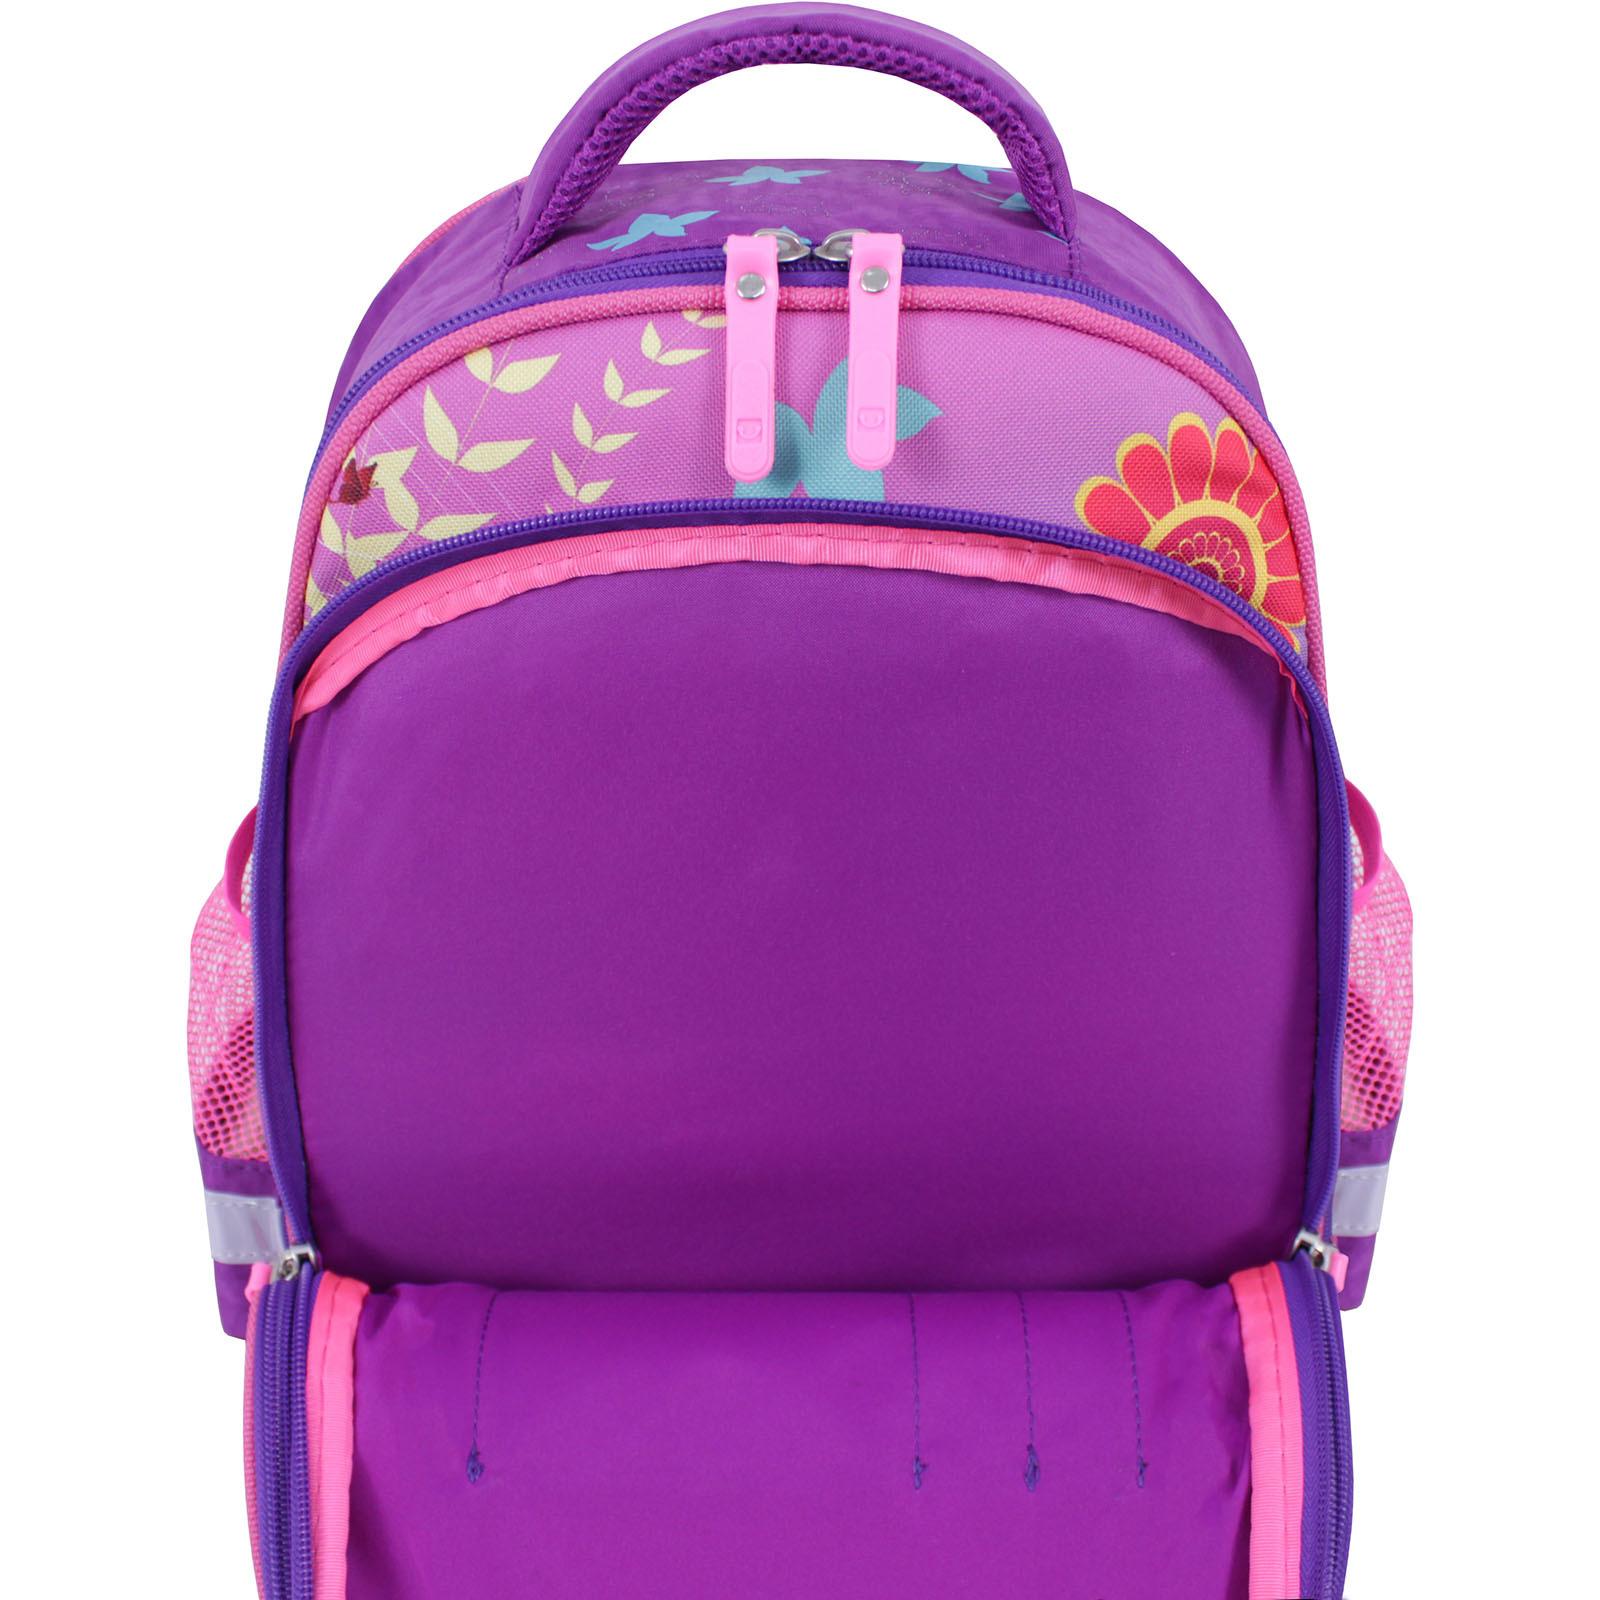 Рюкзак школьный Bagland Mouse 339 фиолетовый 502 (0051370) фото 4